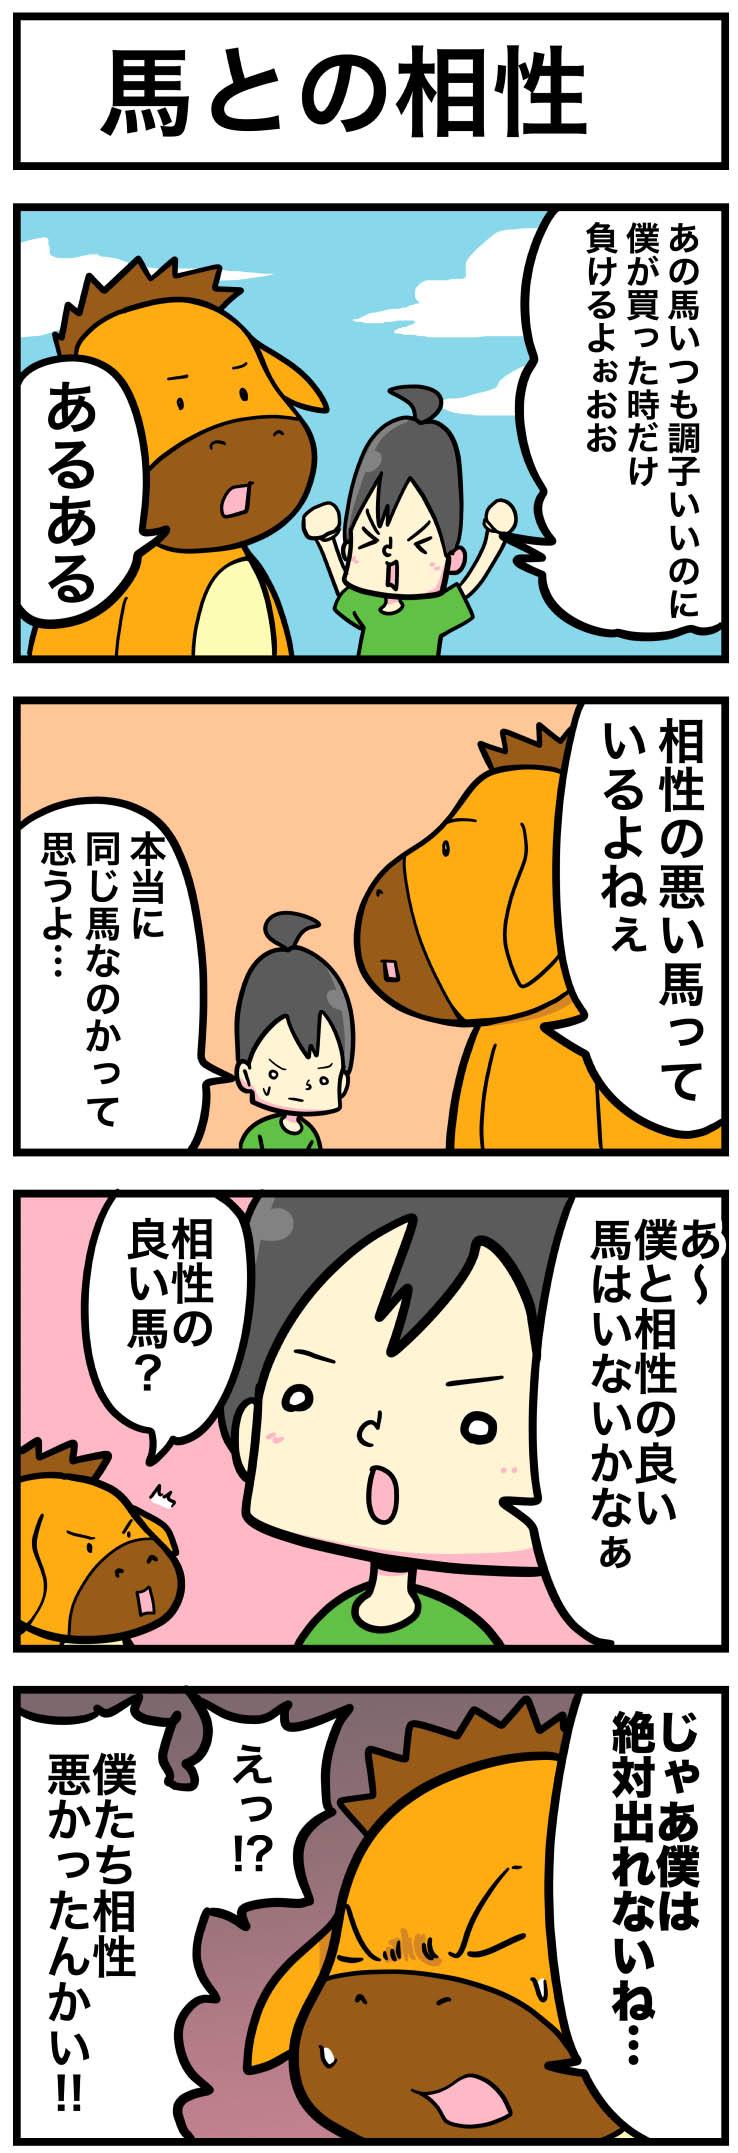 馬との相性【うま吉の鉄板穴馬マンガ】